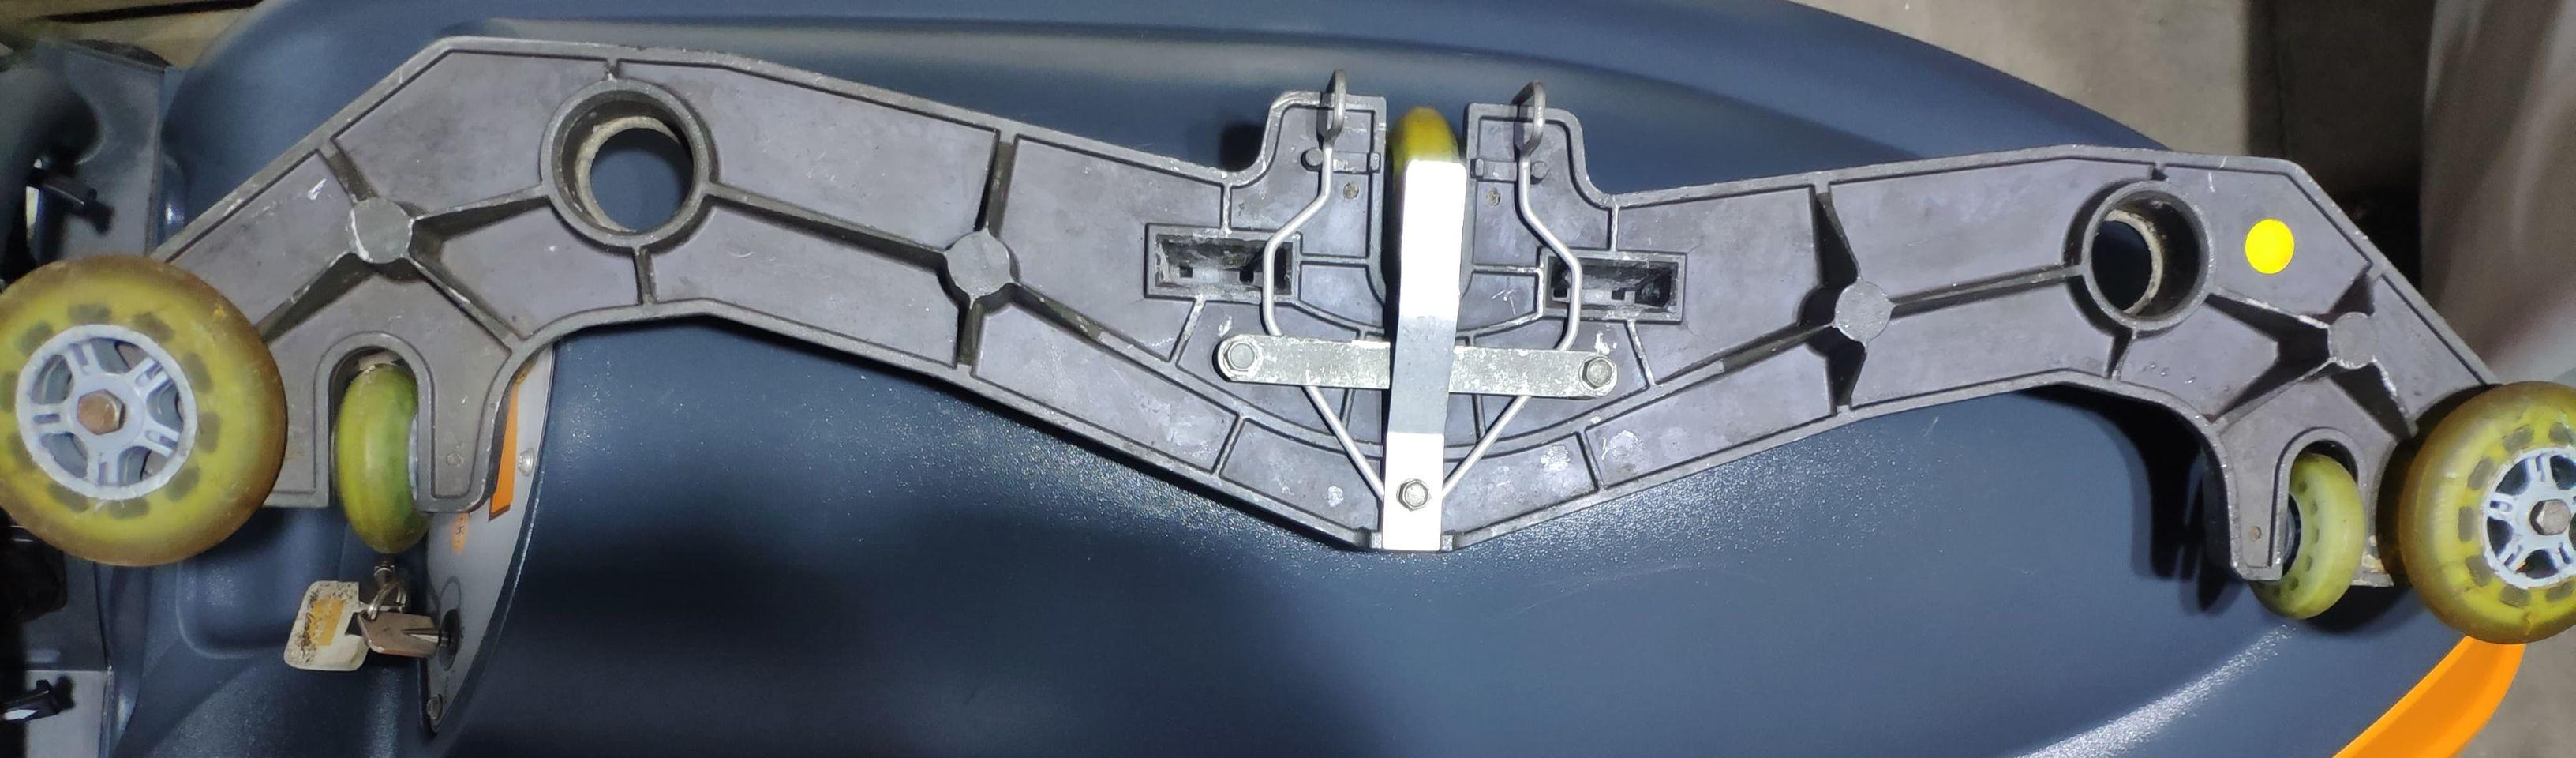 Dysza ssawa do maszyny Taski Swingo 1650